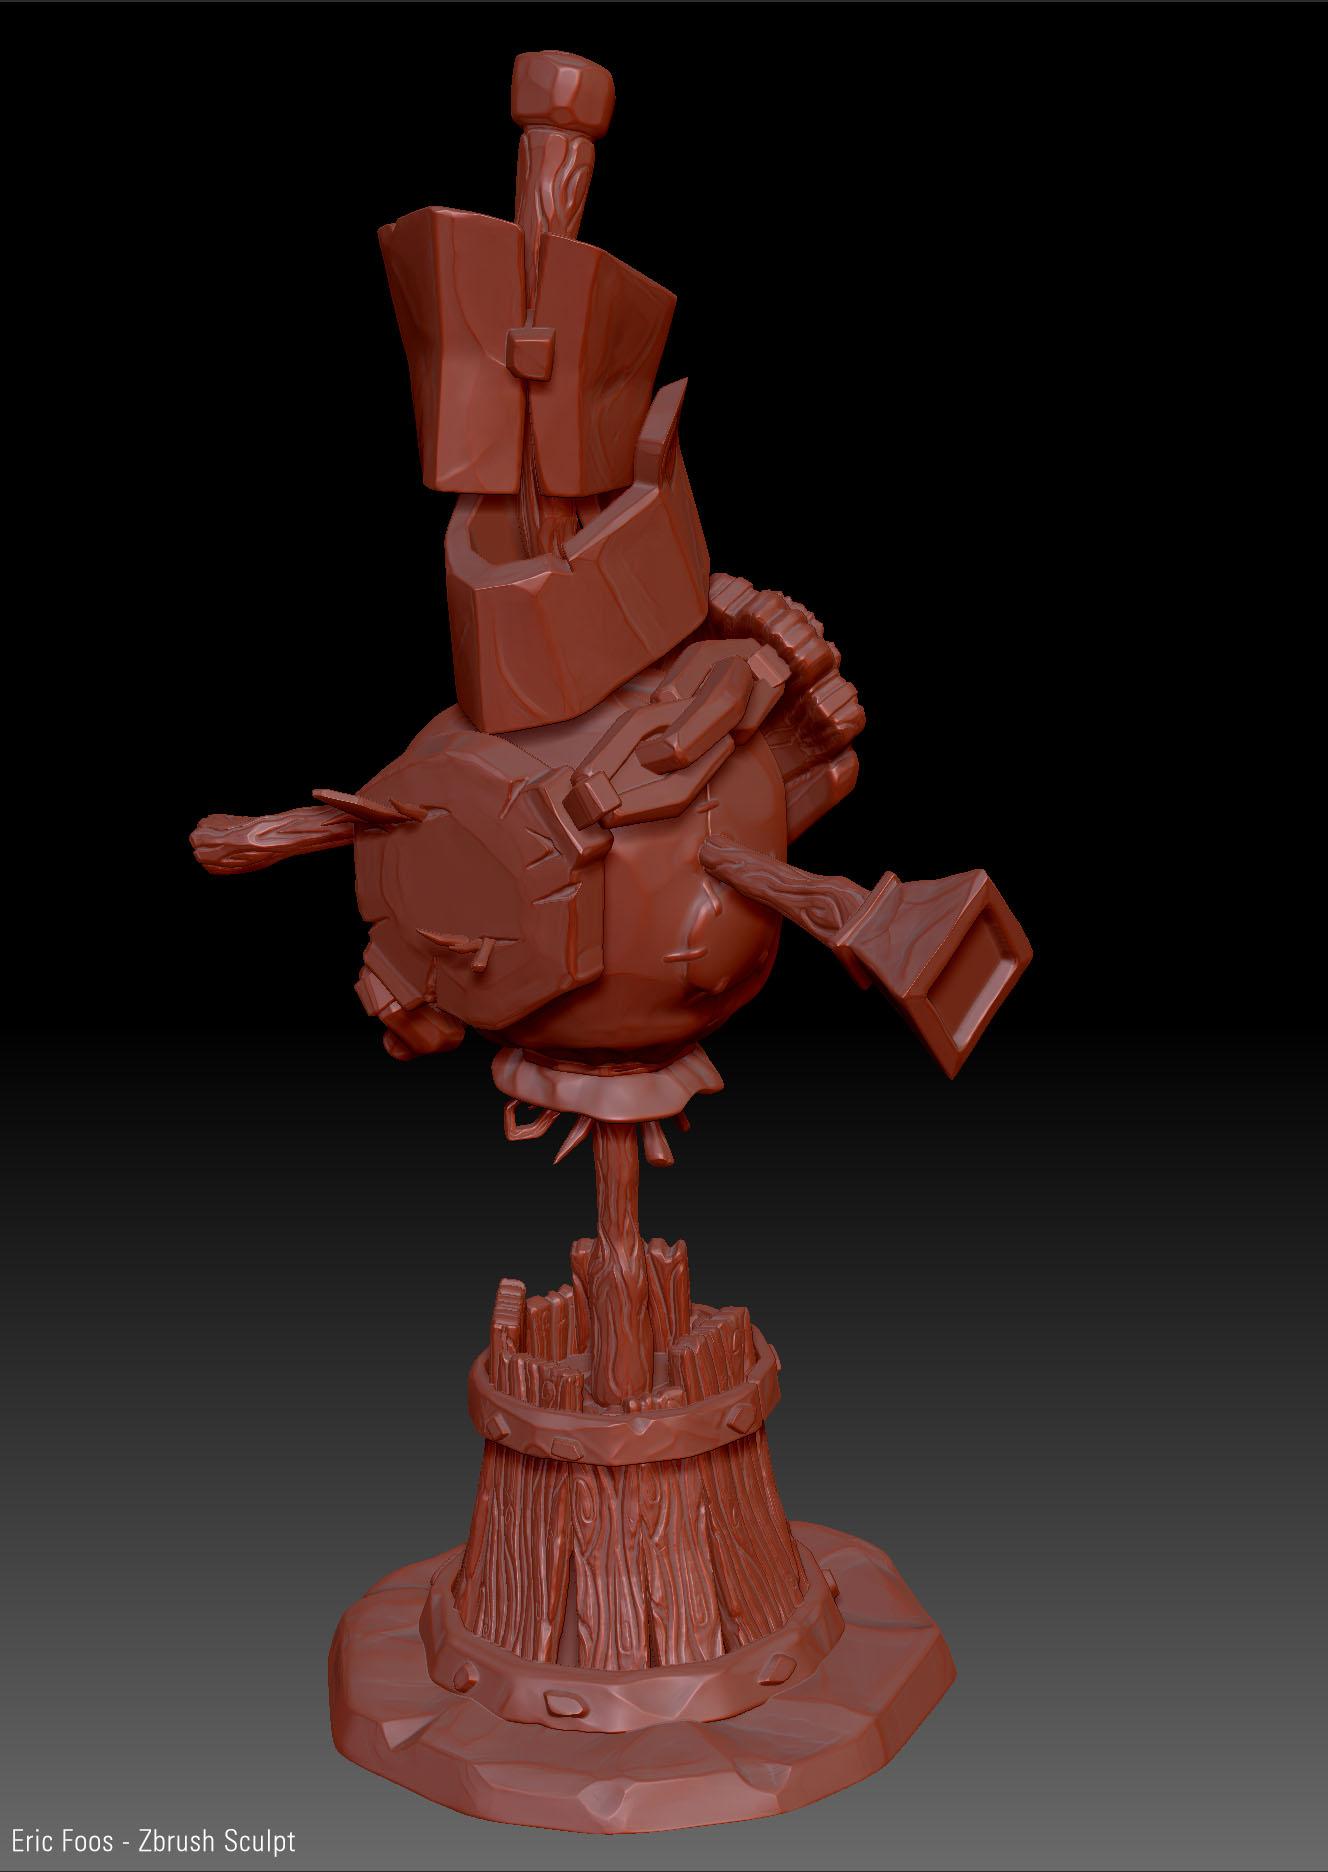 Foos-Zbrush-Sculpt2a.jpg